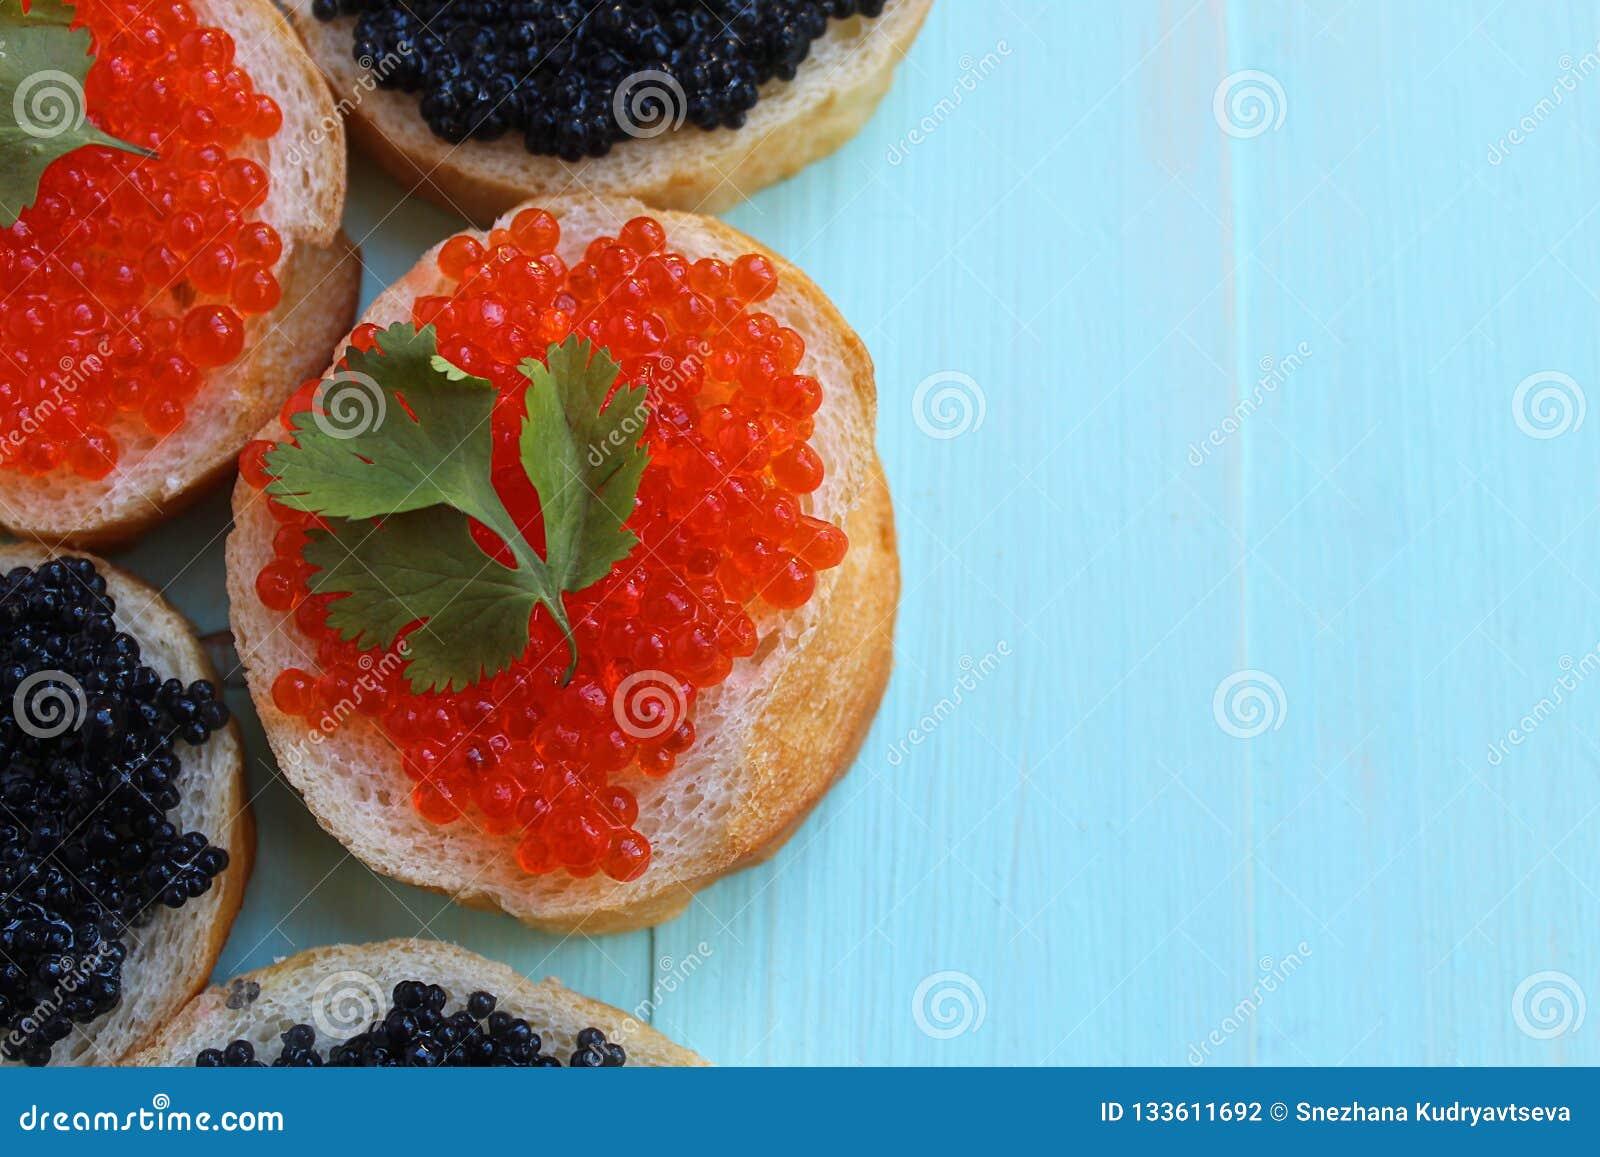 Röd och svart kaviar av fisklögner på vetebröd